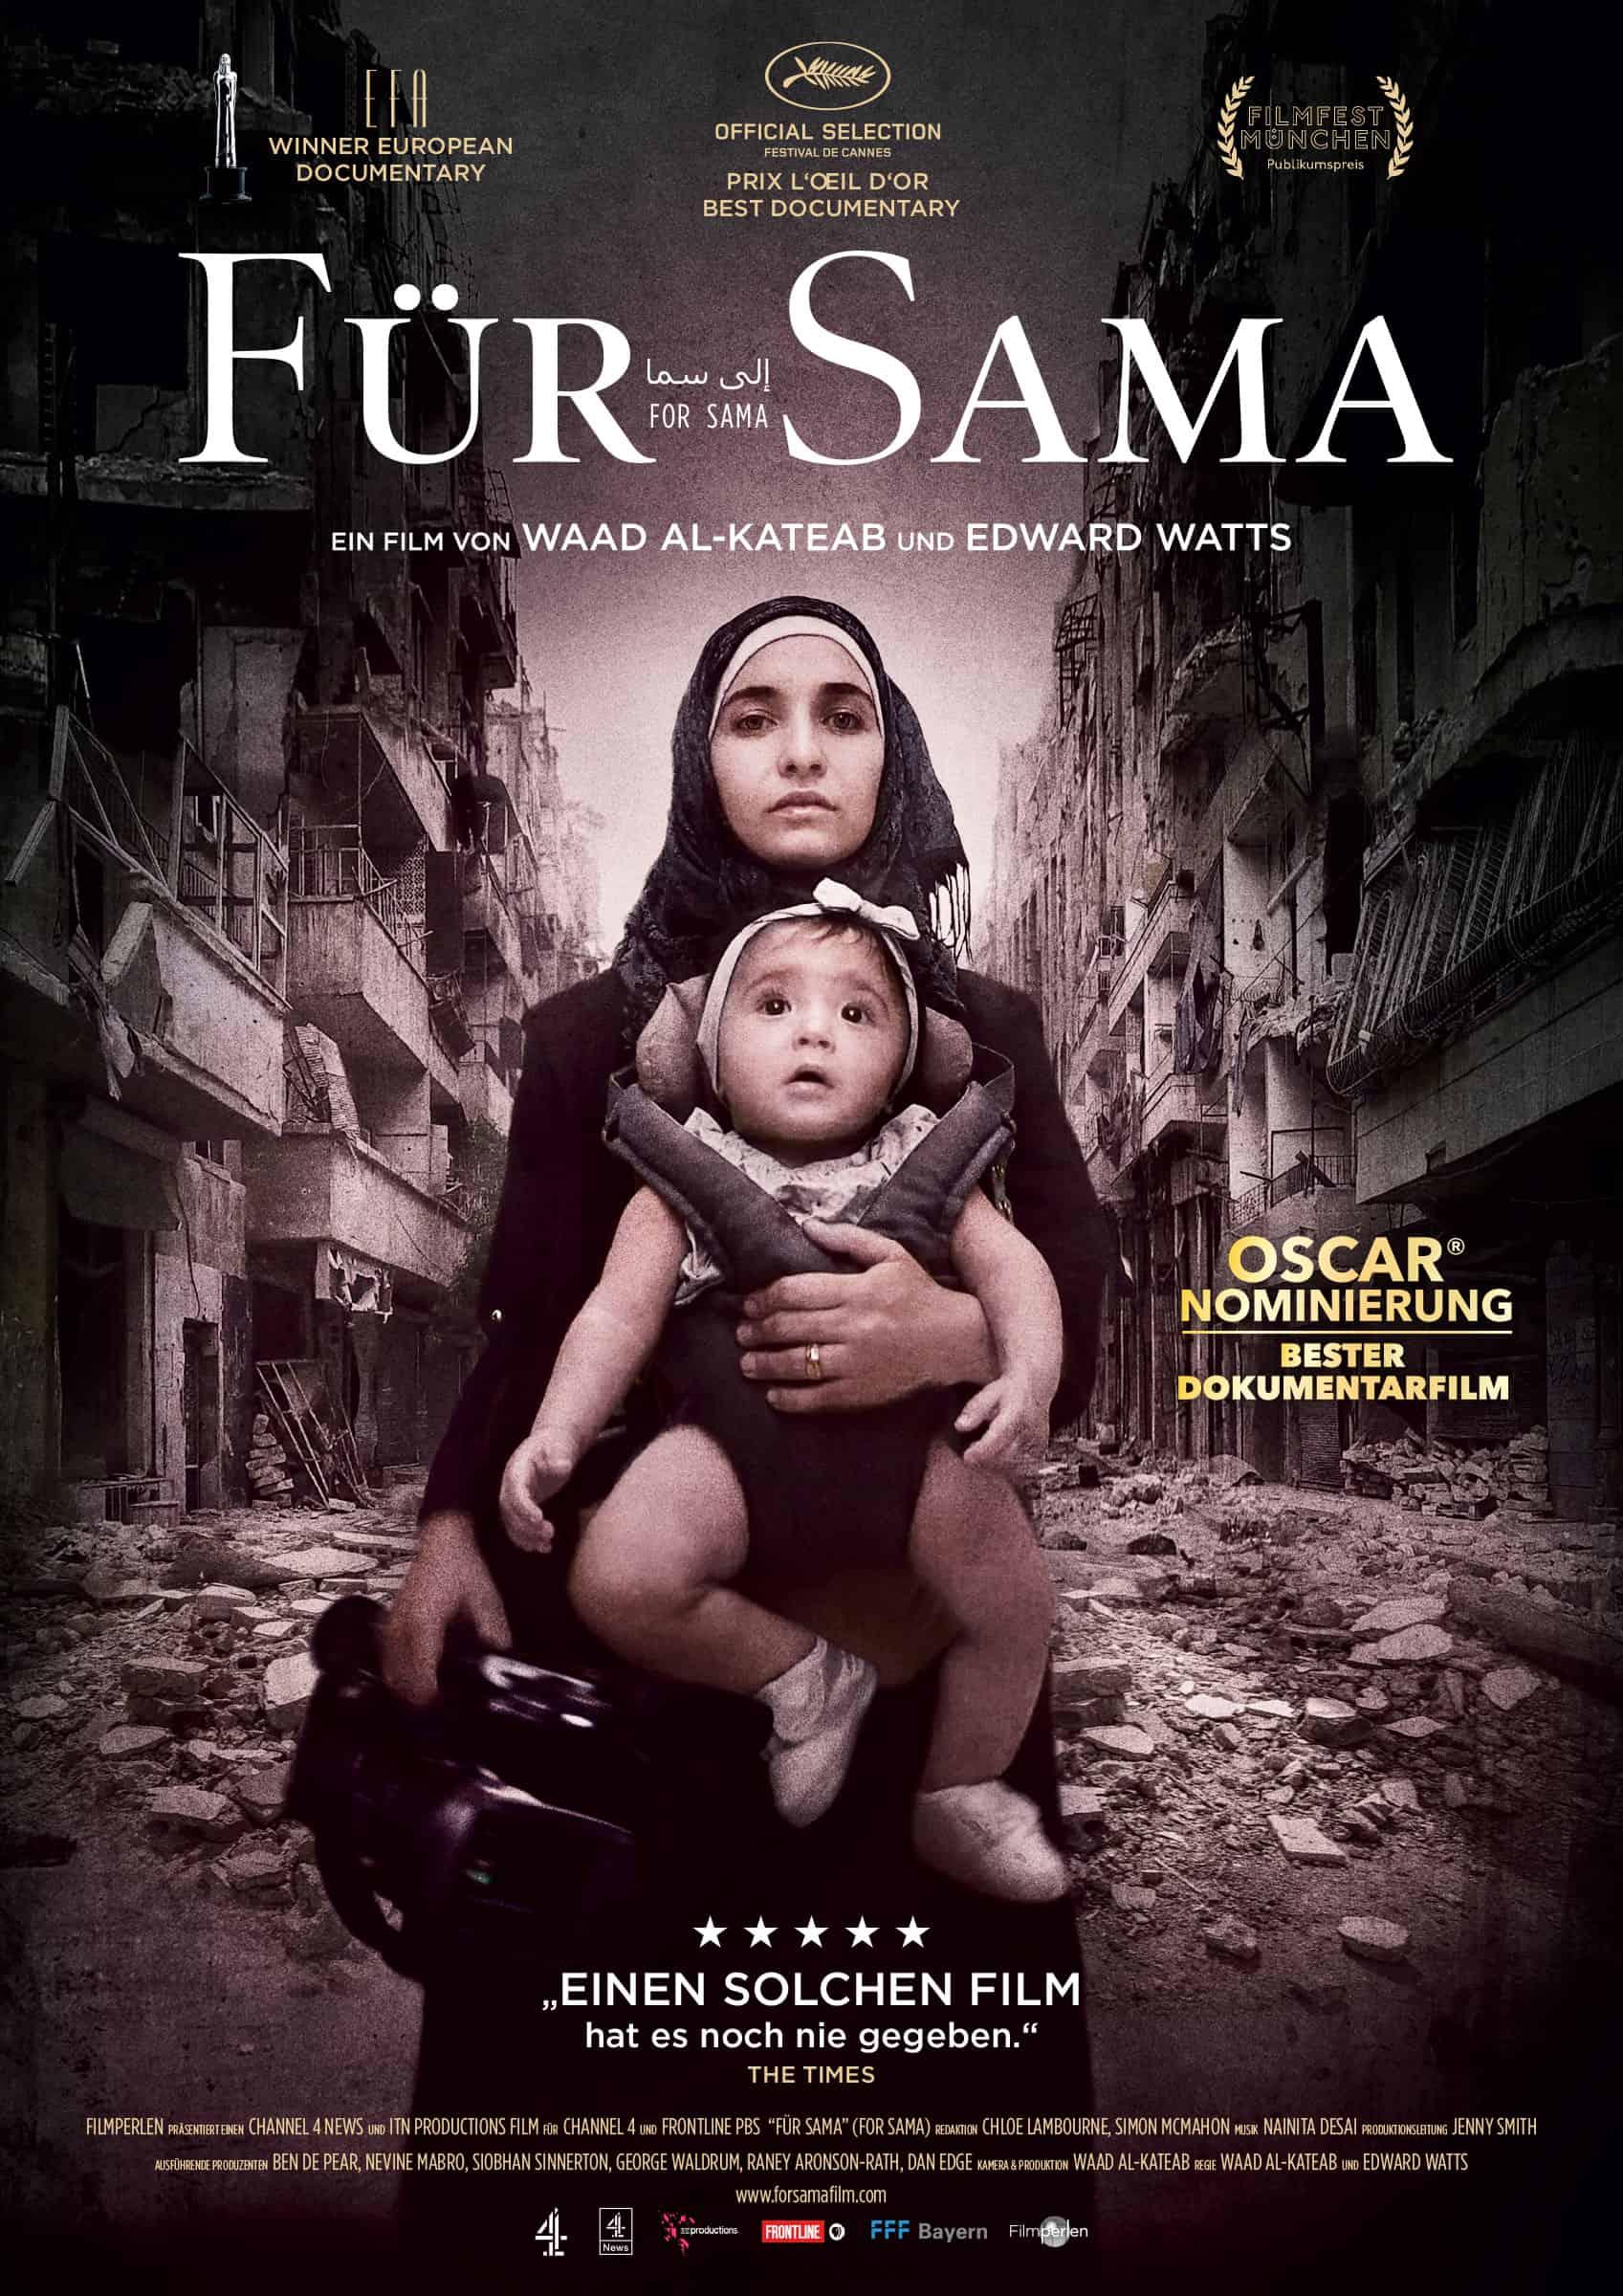 FÜR SAMA – Filmperlen